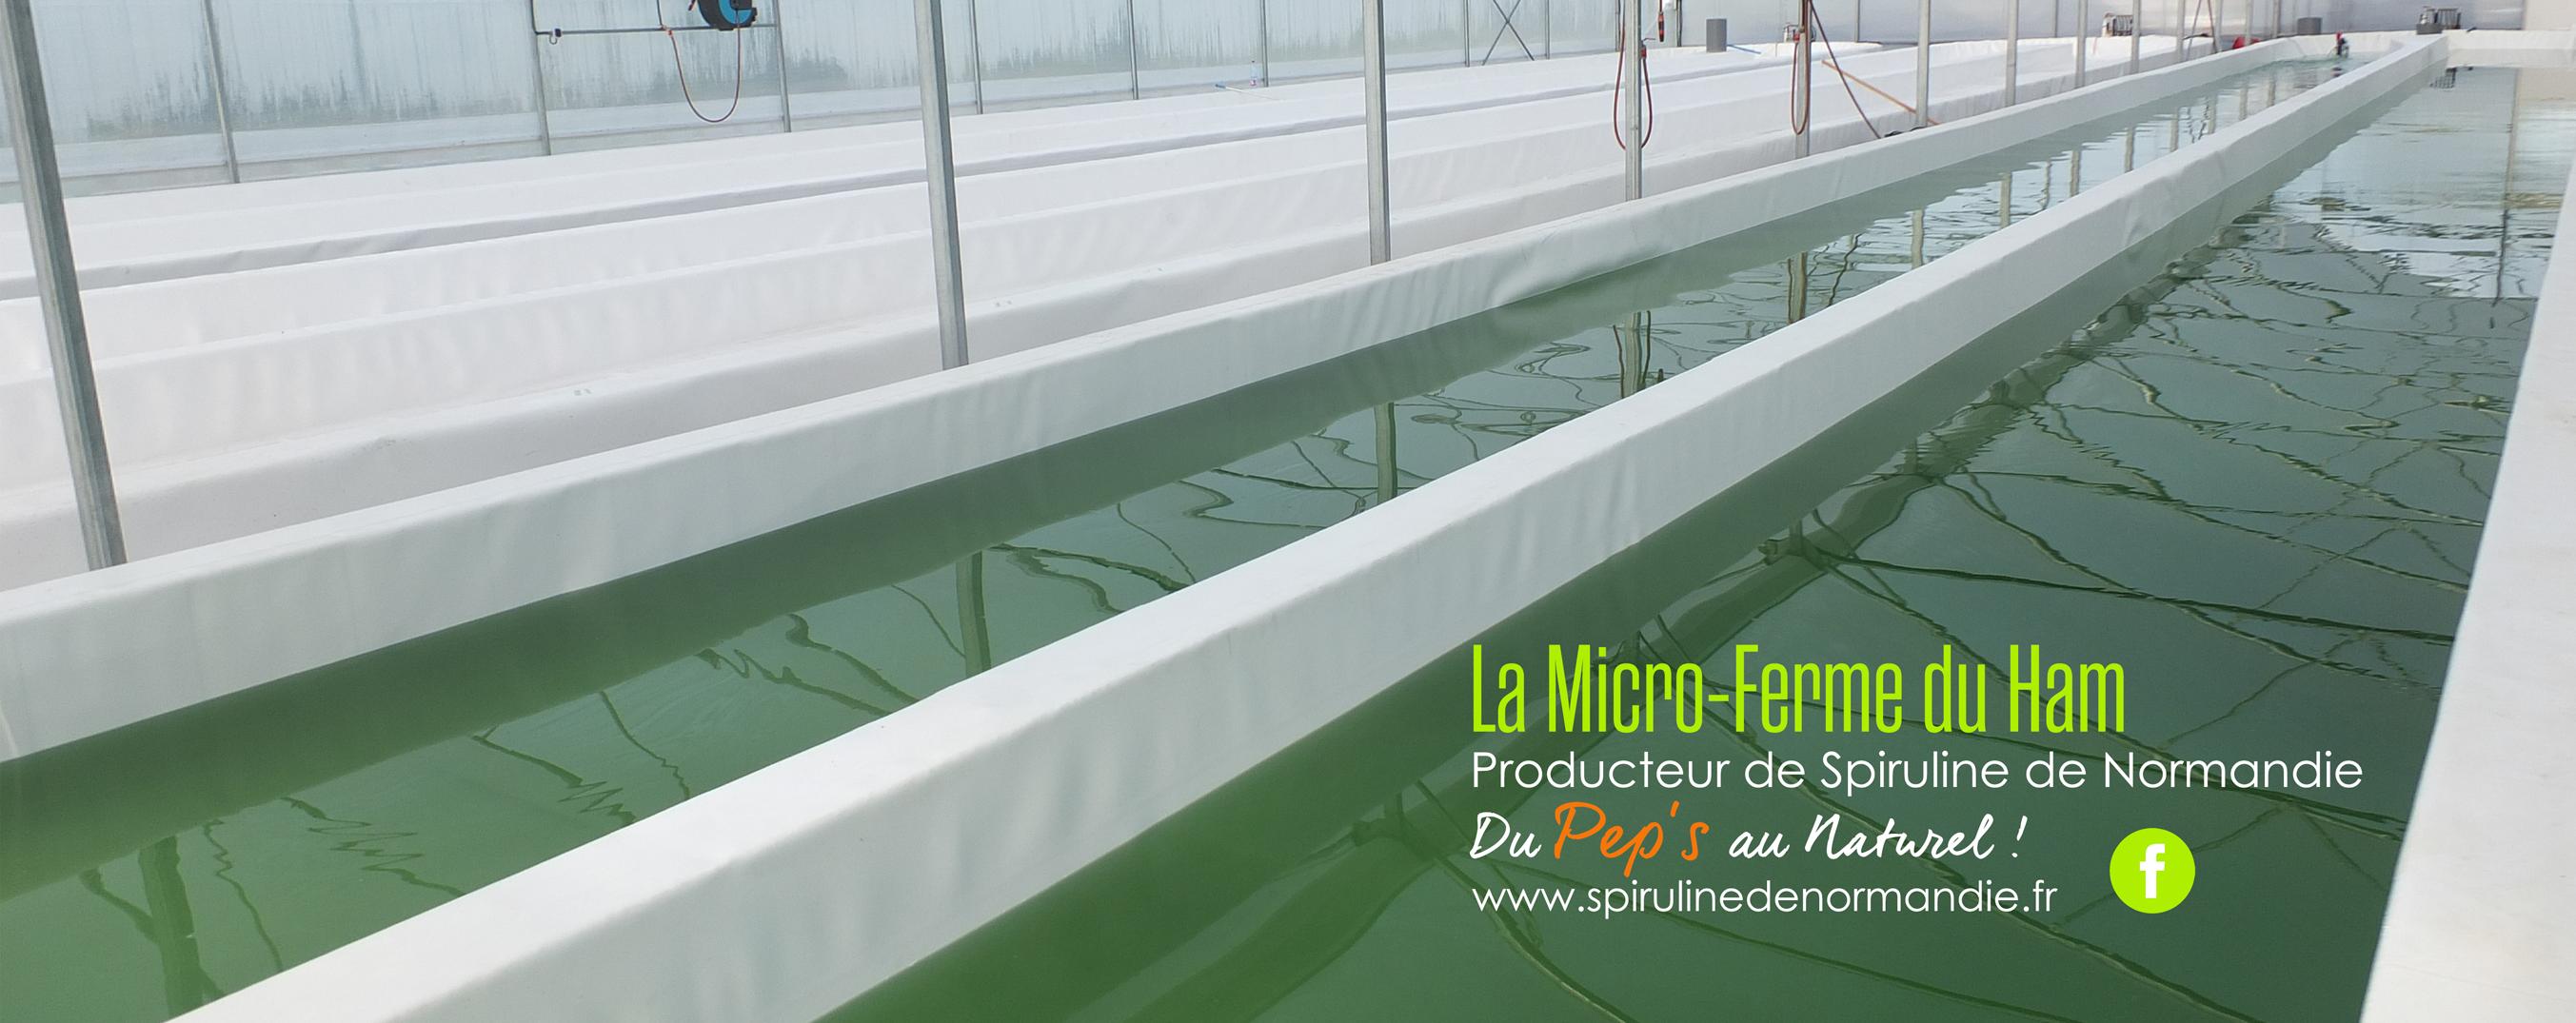 Découvrez notre gamme de produits réalisée avec notre Spiruline de Normandie